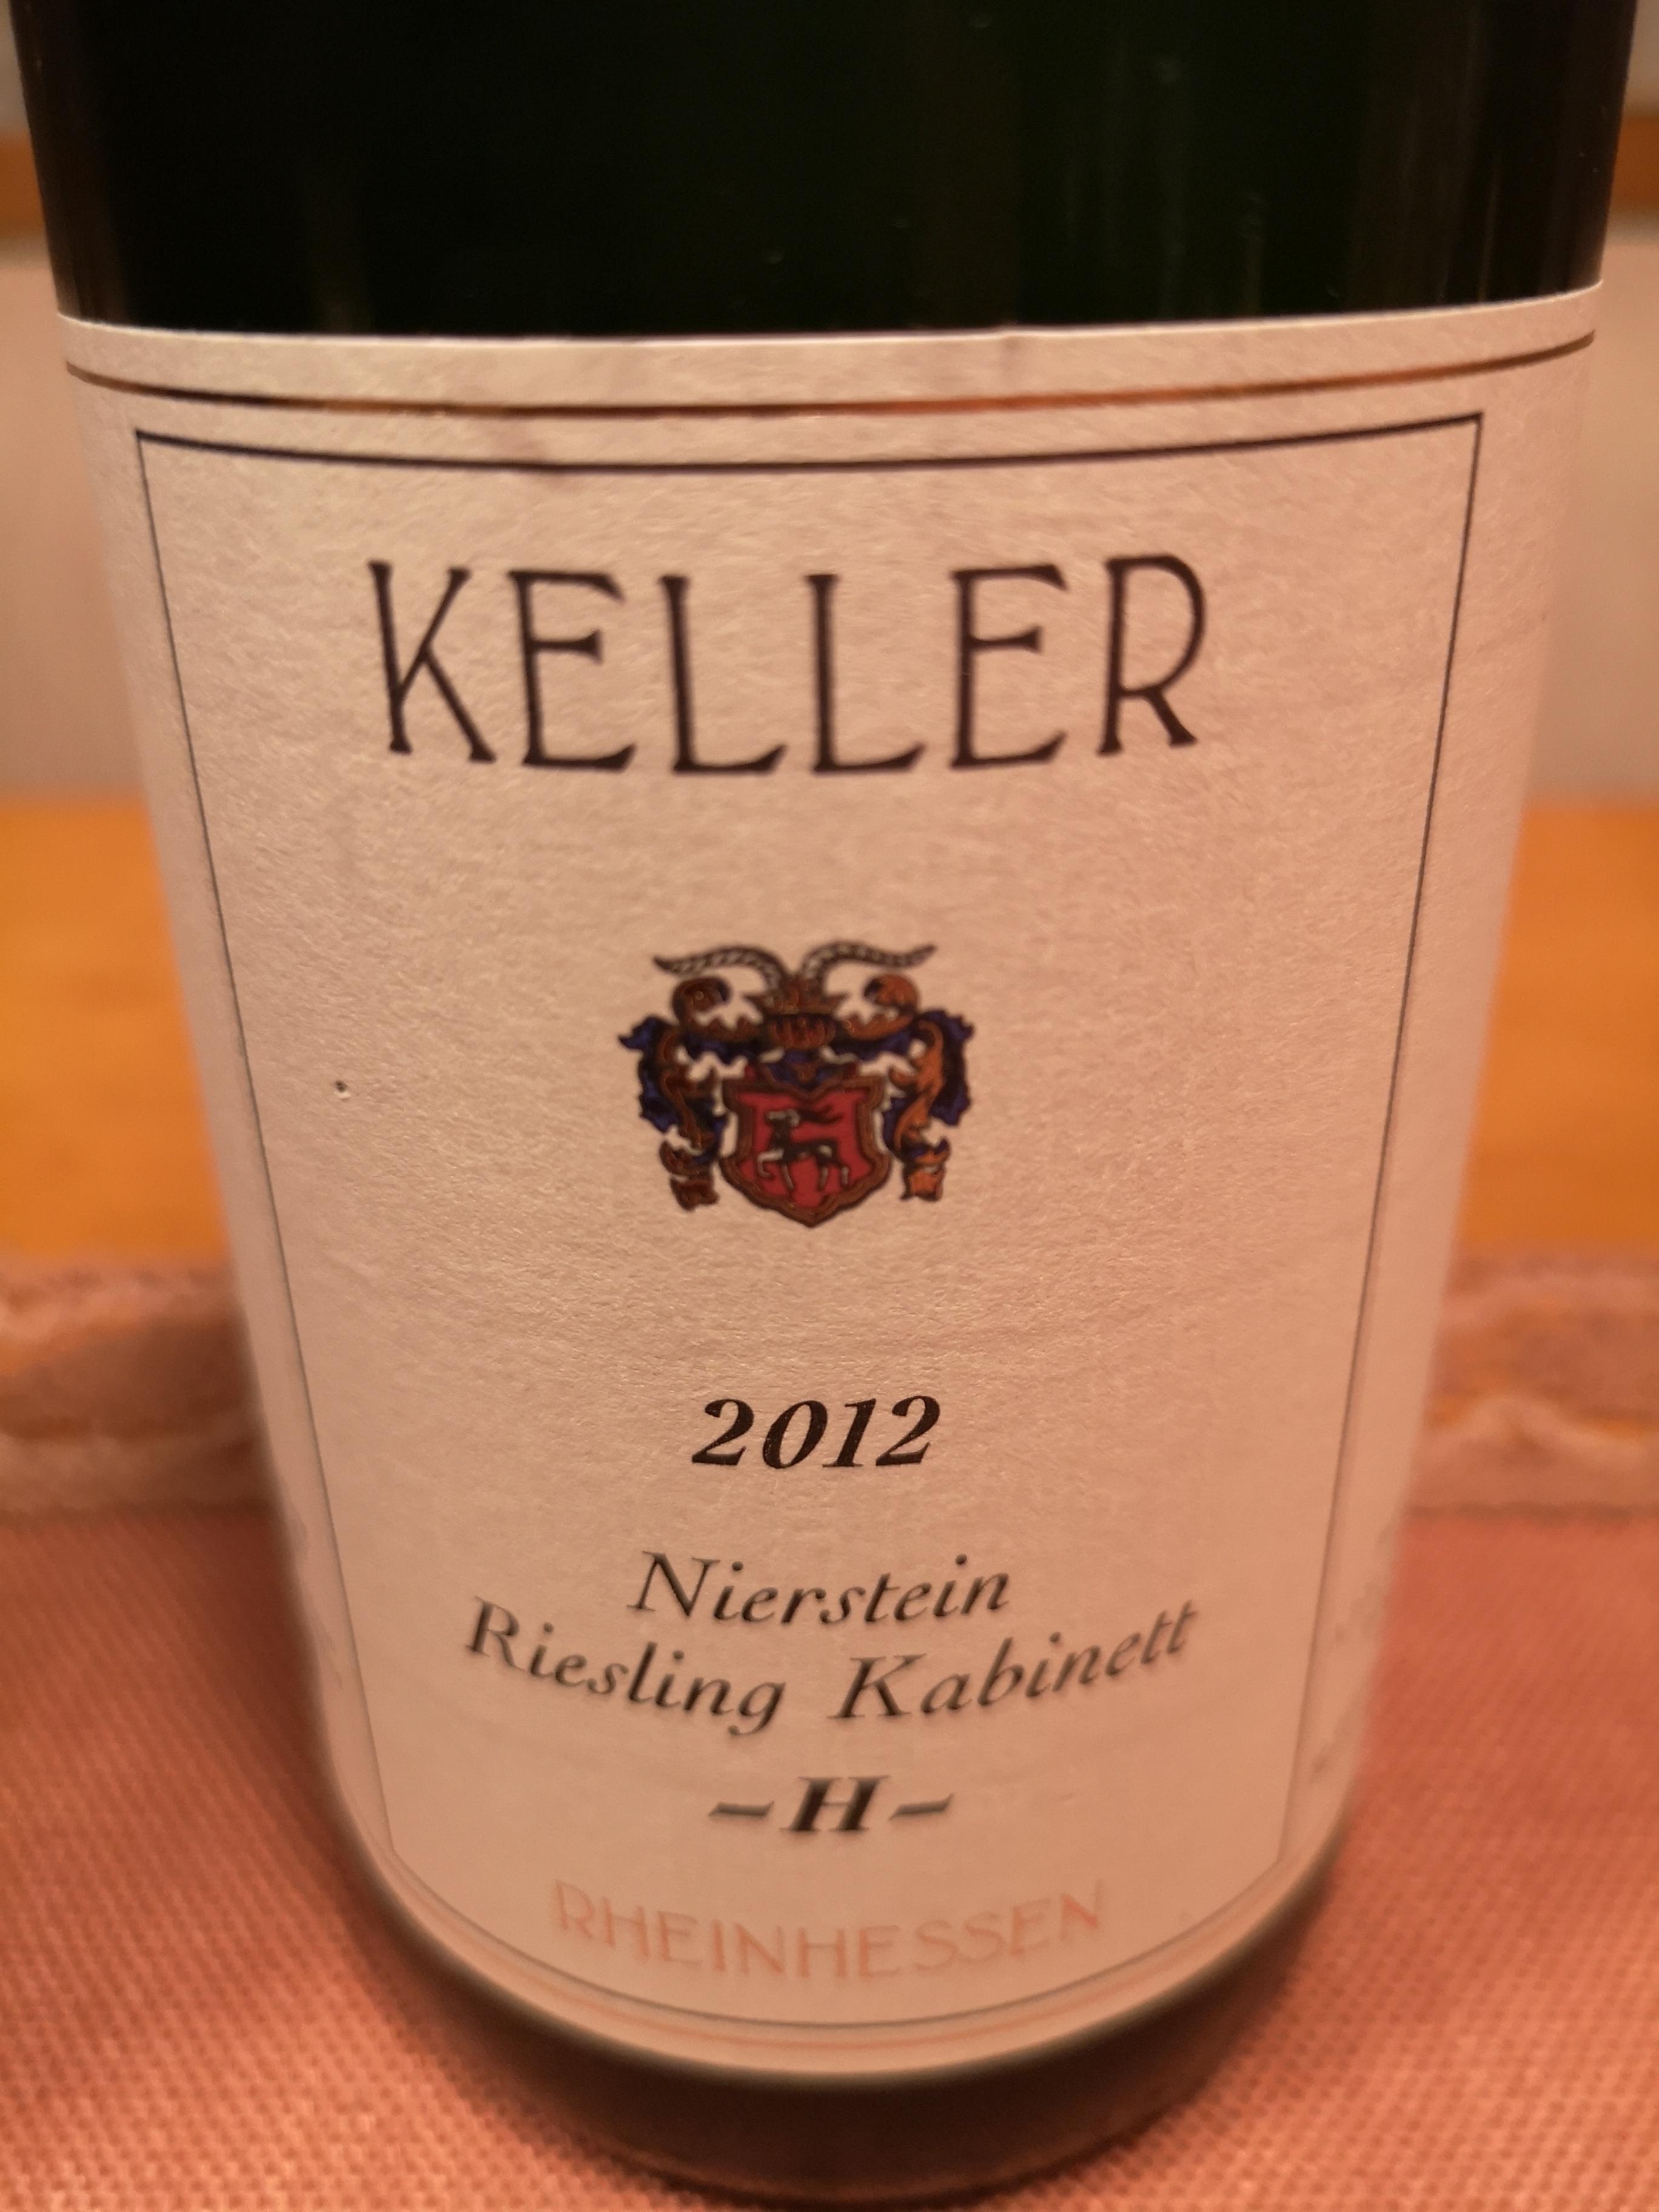 2012 Riesling Kabinett Nierstein H | Keller